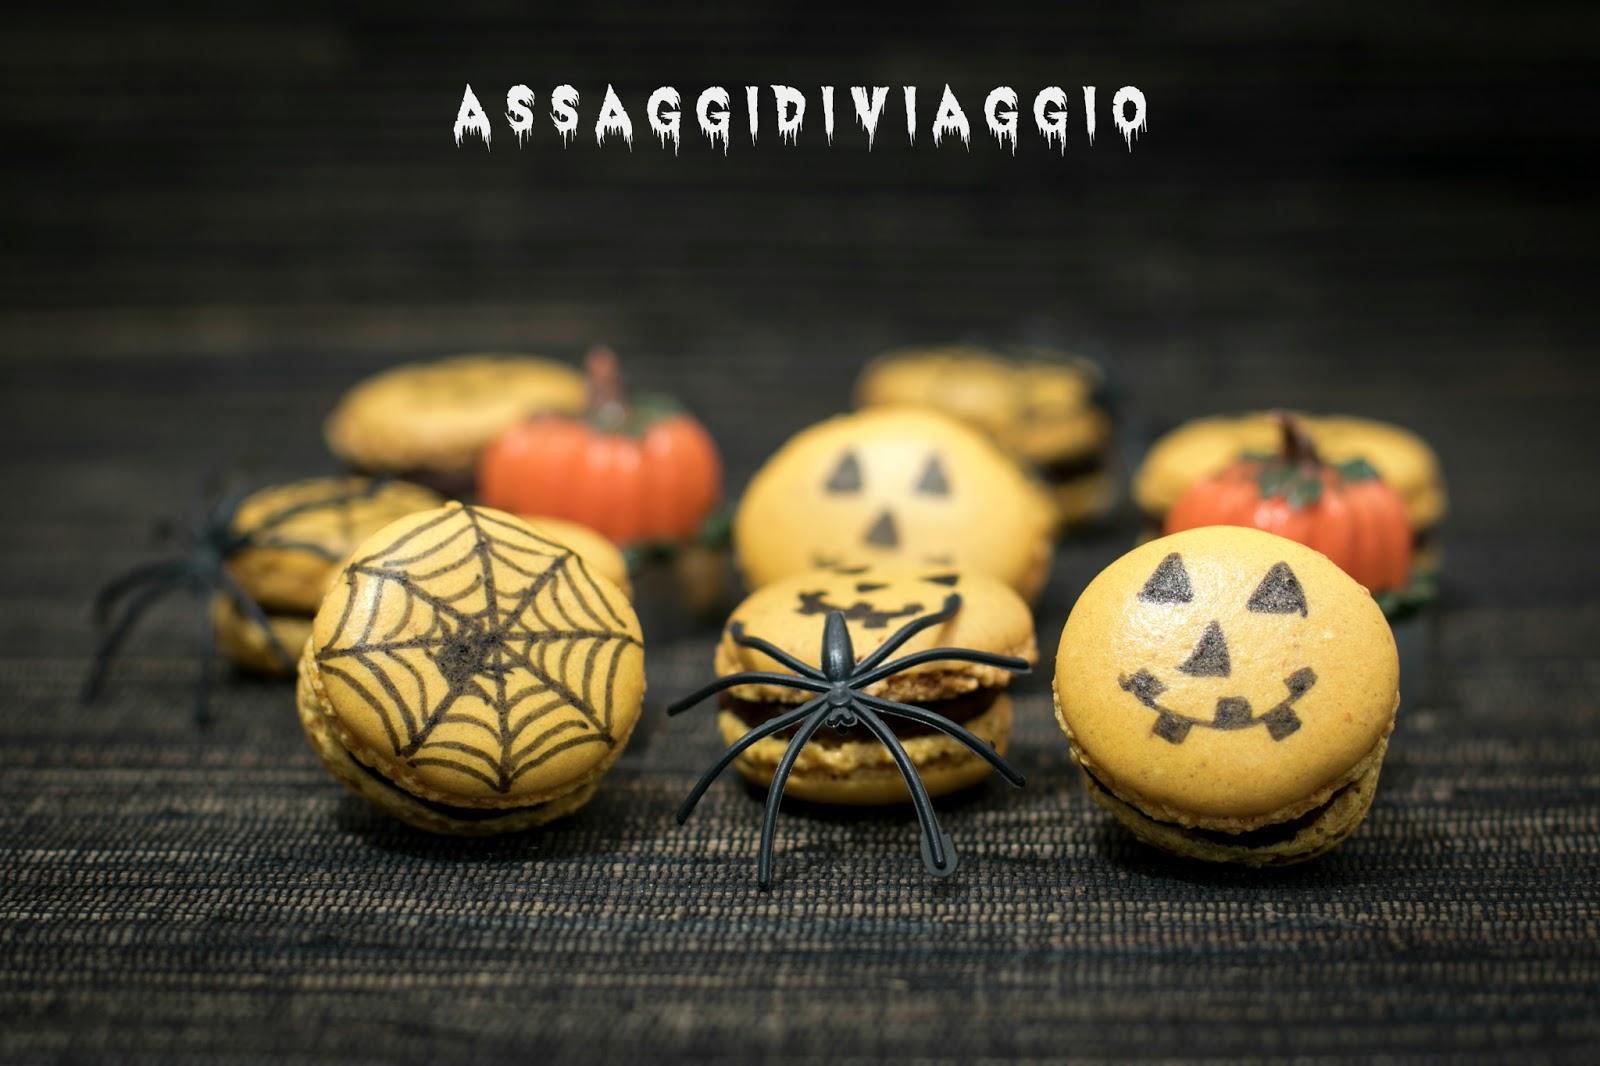 Non Festeggio Halloween.Mostruosi Macarons Per Festeggiare Halloween Assaggi Di Viaggio